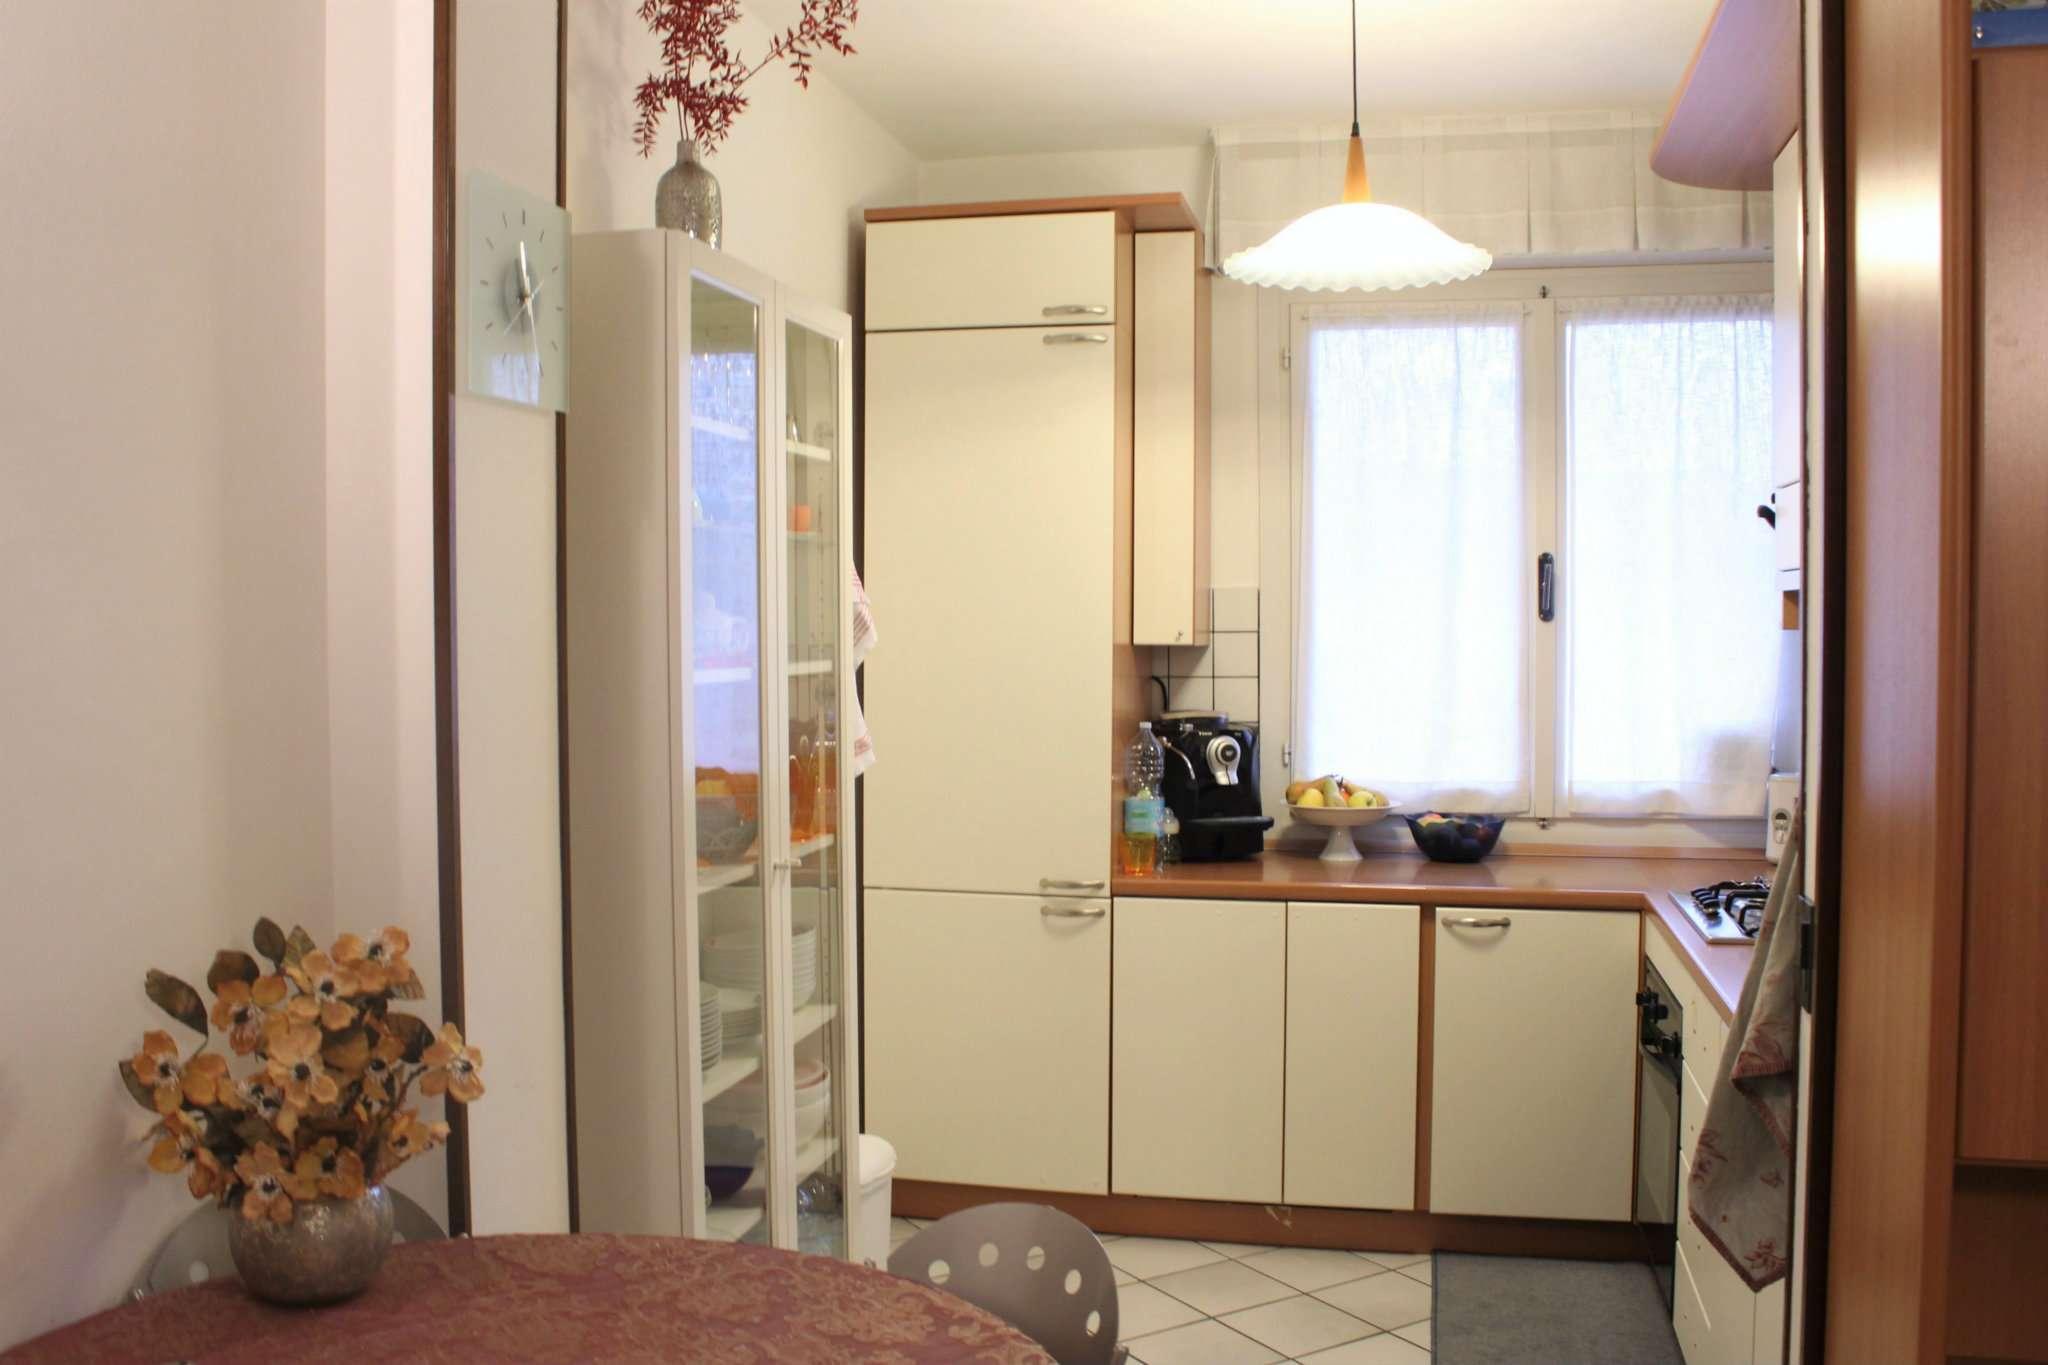 Appartamento in vendita a Calenzano, 2 locali, prezzo € 119.000 | CambioCasa.it